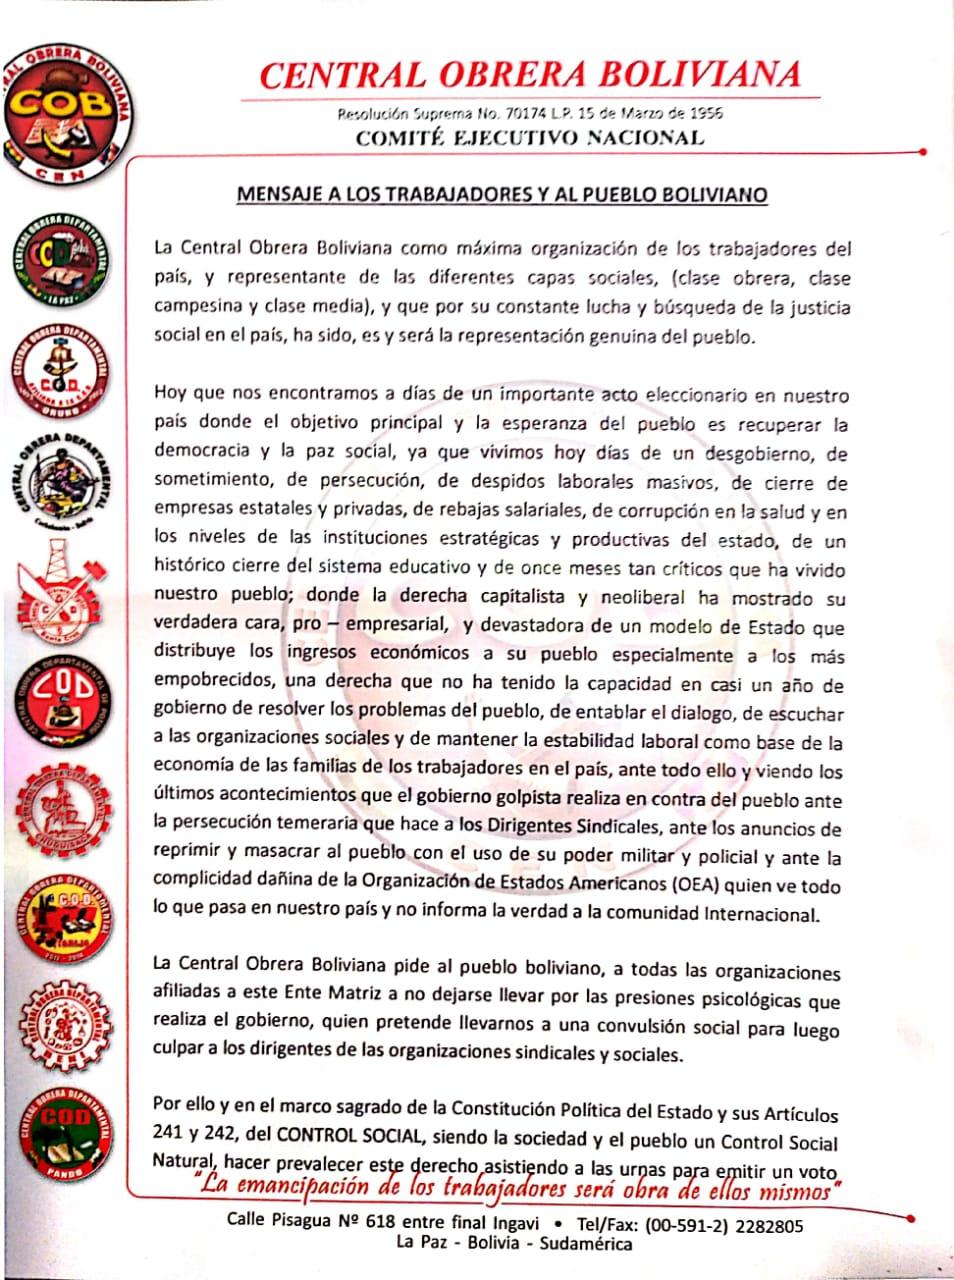 La COB manda un mensaje a los trabajadores y al pueblo boliviano no dejarse llevar por las presiones psicológicas del gobierno que pretenden generar convulsión en el día de las elecciones